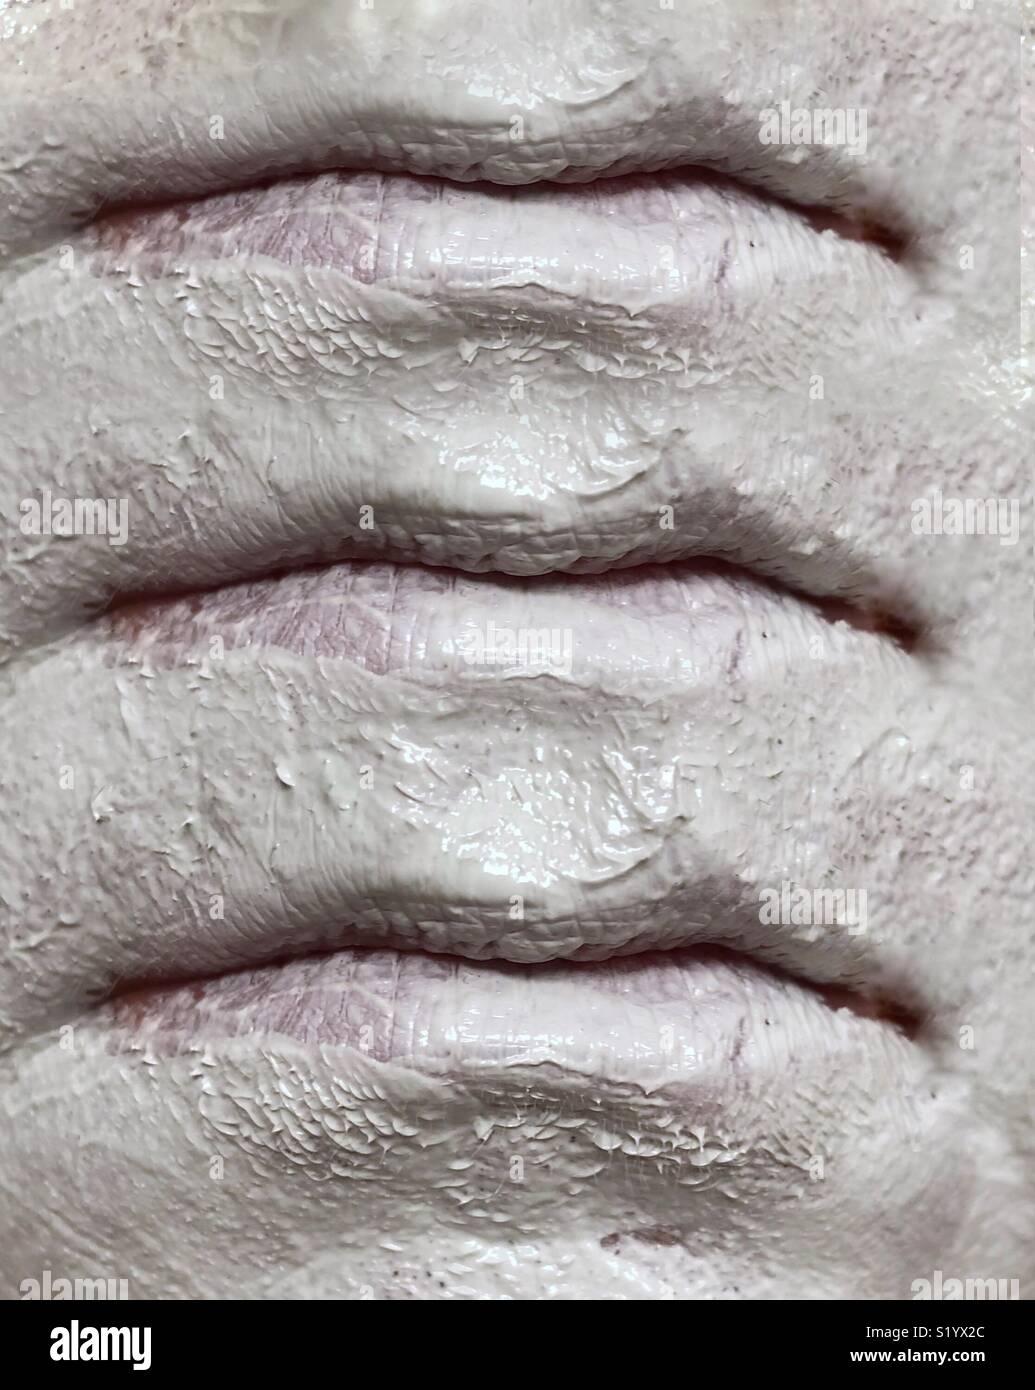 Un immagine astratta di tre set di labbra, su una faccia che indossa una argilla bianca maschera di fango Immagini Stock